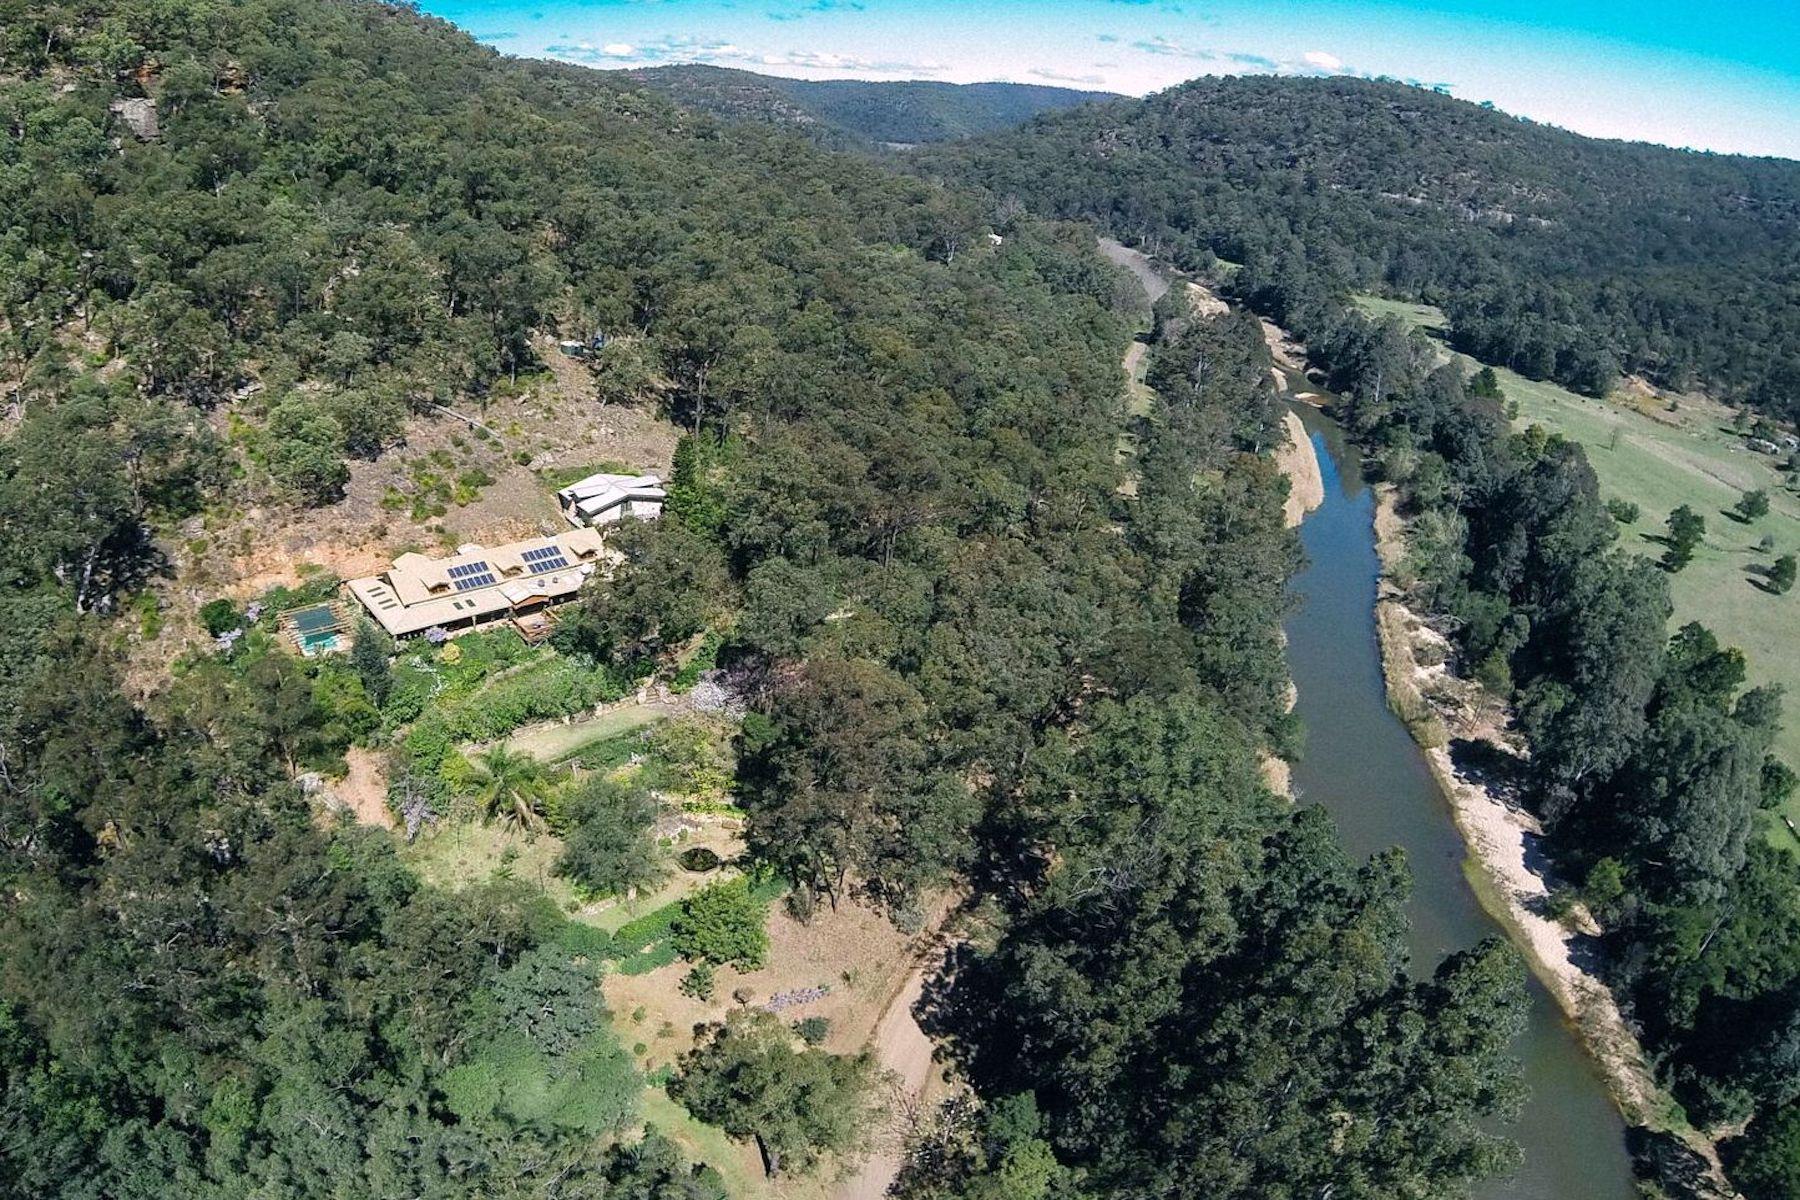 Anderer Wohnungstyp für Verkauf beim St Albans Address available upon request Sydney, New South Wales 2775 Australien